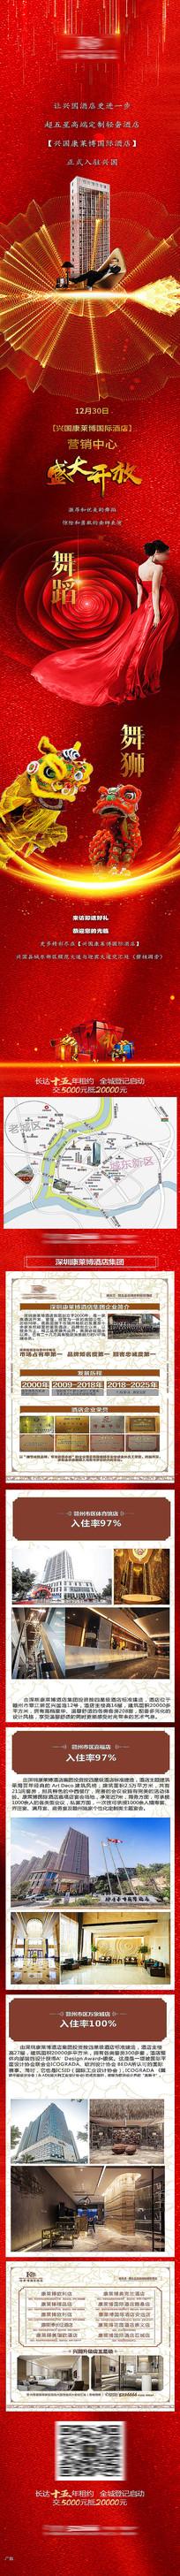 项目介绍房地产微信广告